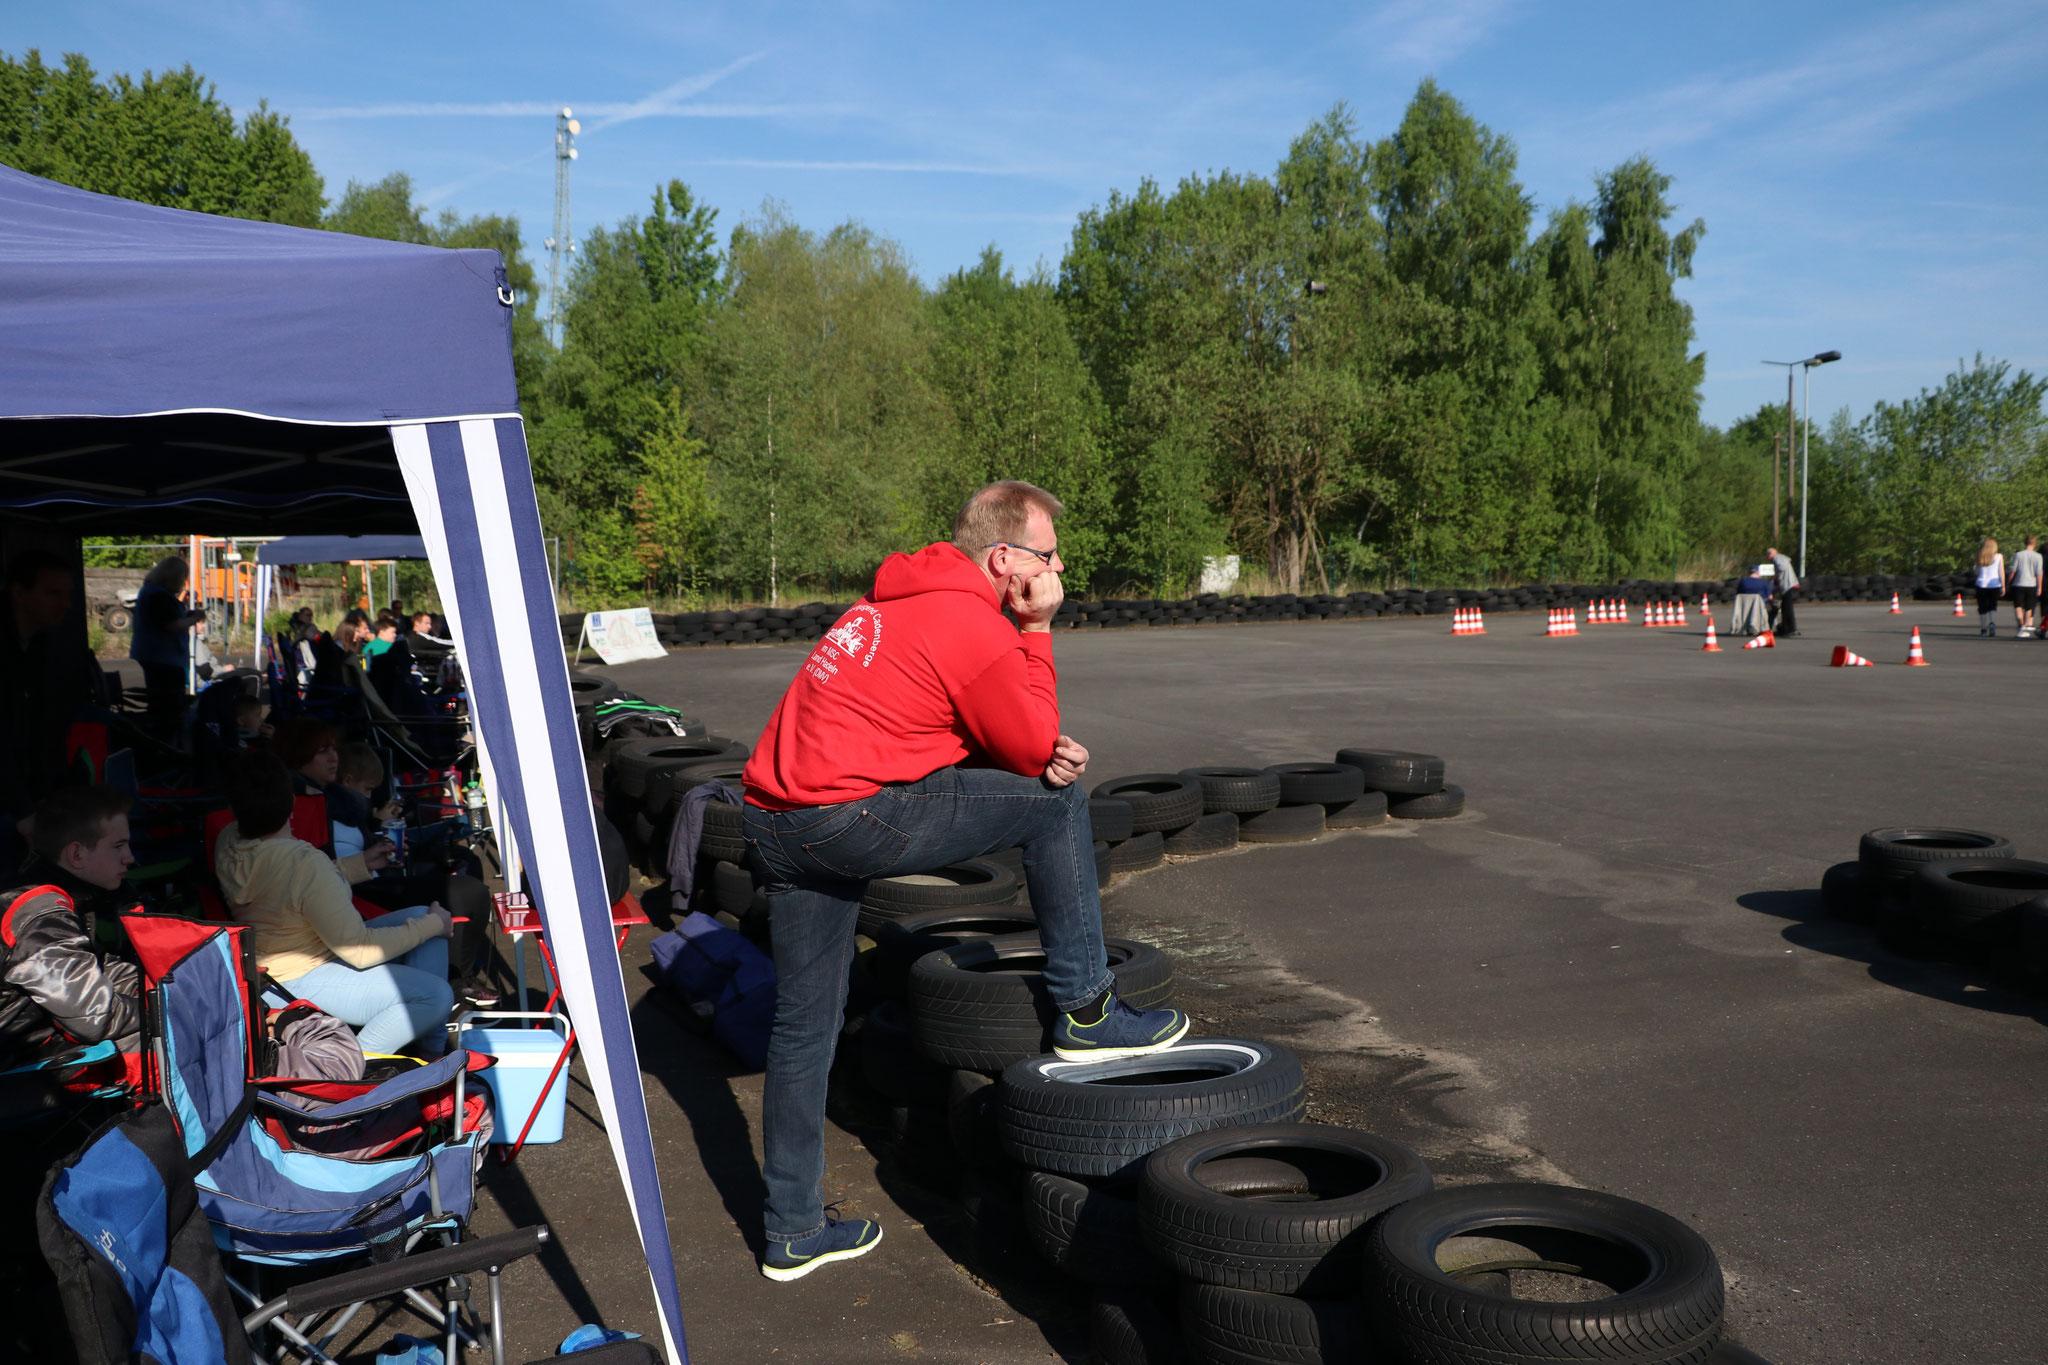 Sascha Schlüer guckt sich die Strecke an (oder ob seine Fahrer diese vernünftig ablaufen...)